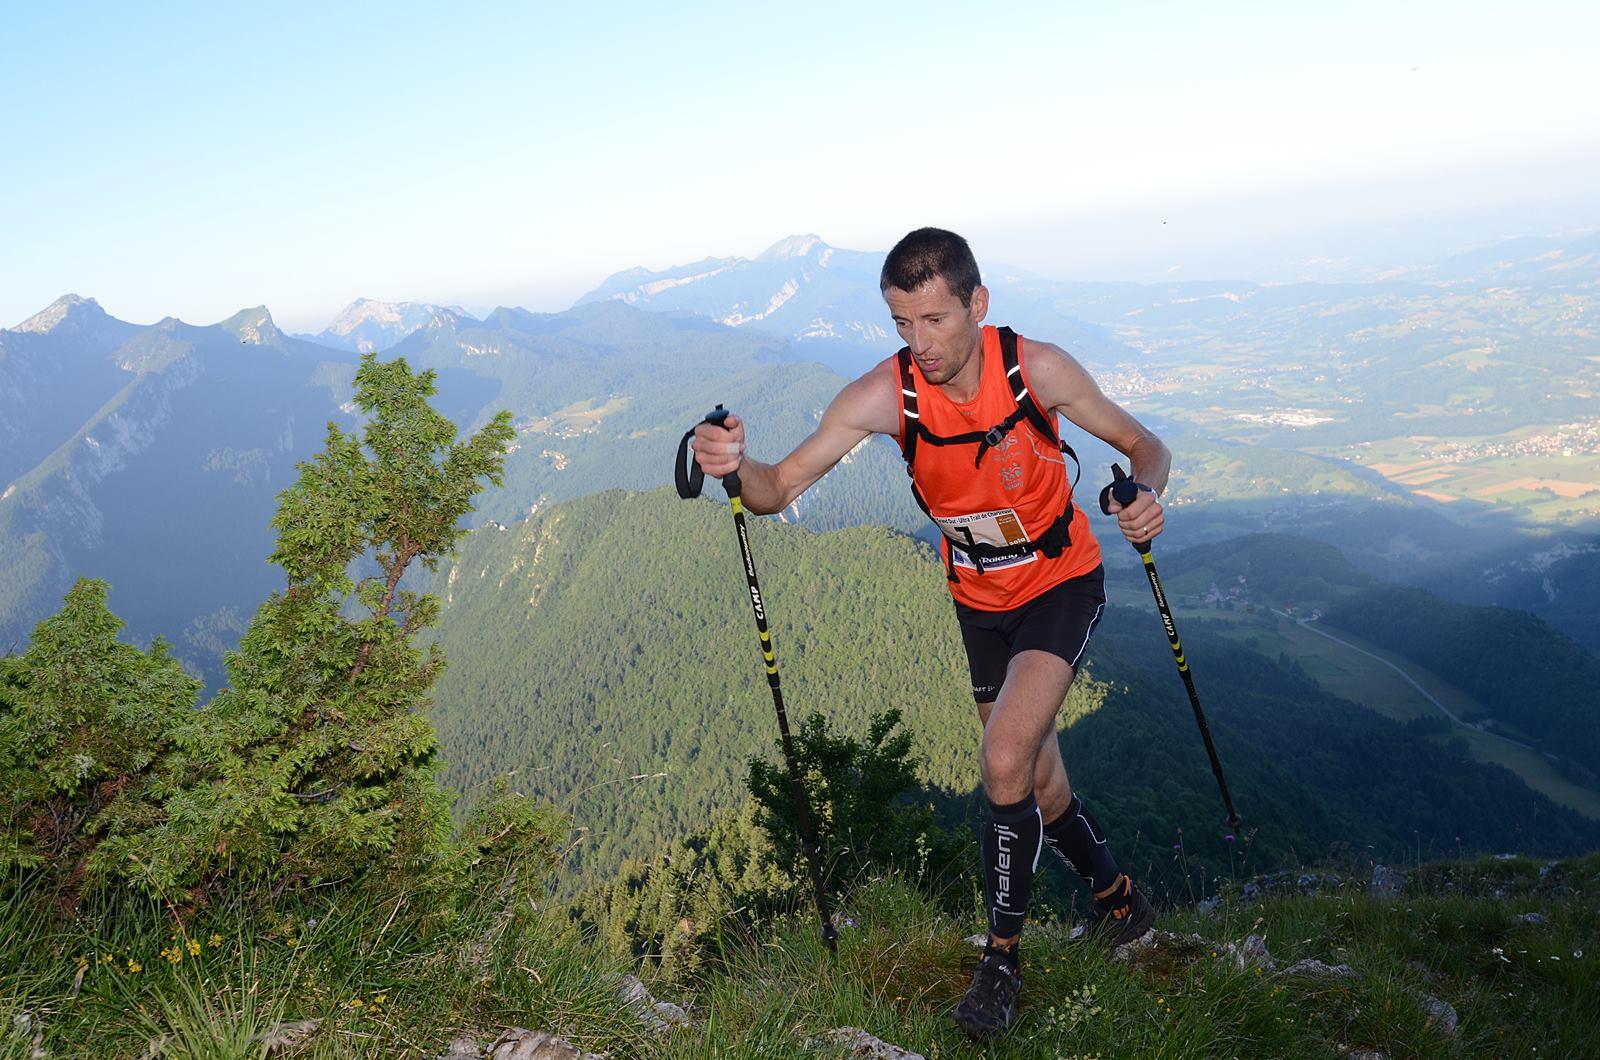 Photographe de sport sur un ultra trail en Chartreuse